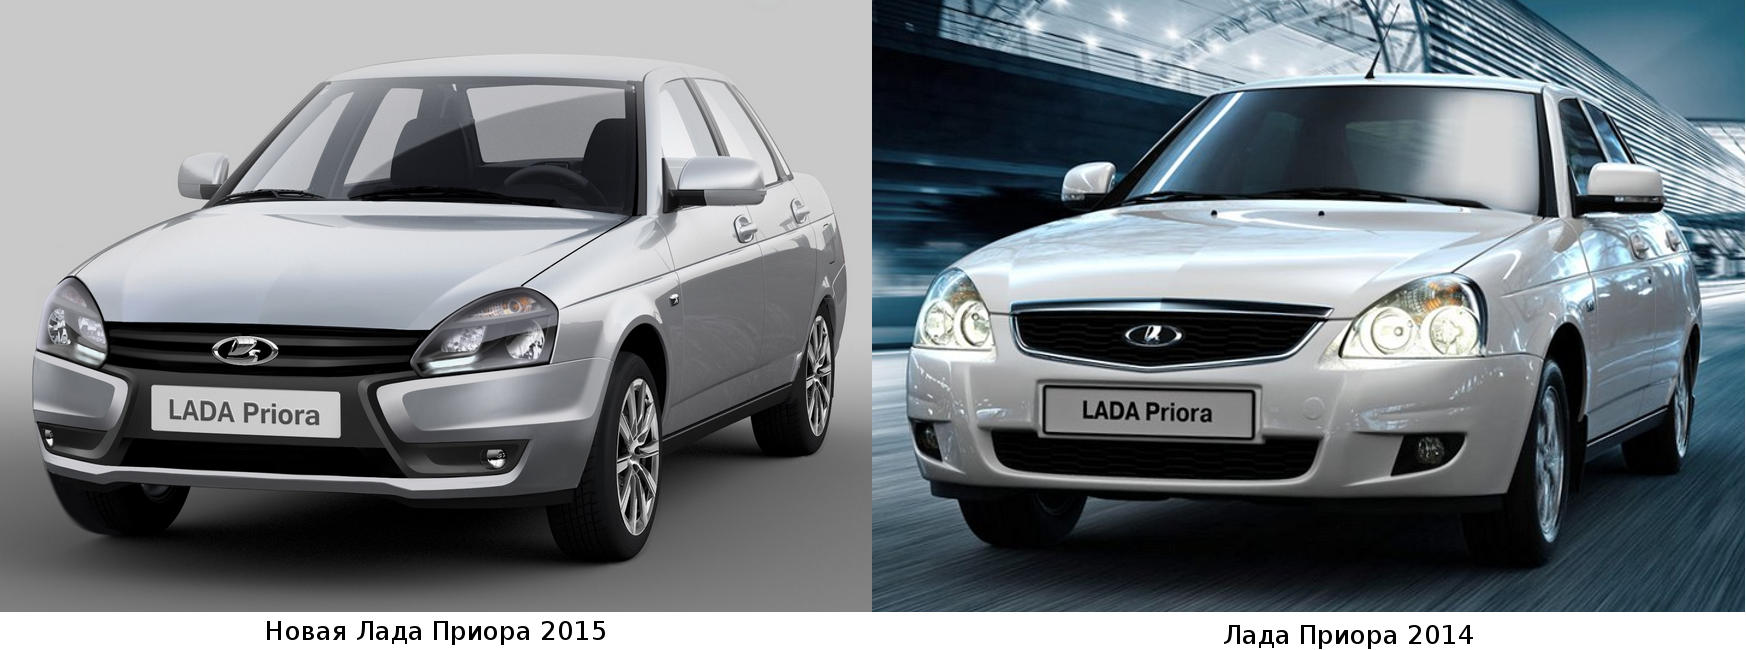 изменения LADA Priora 2015